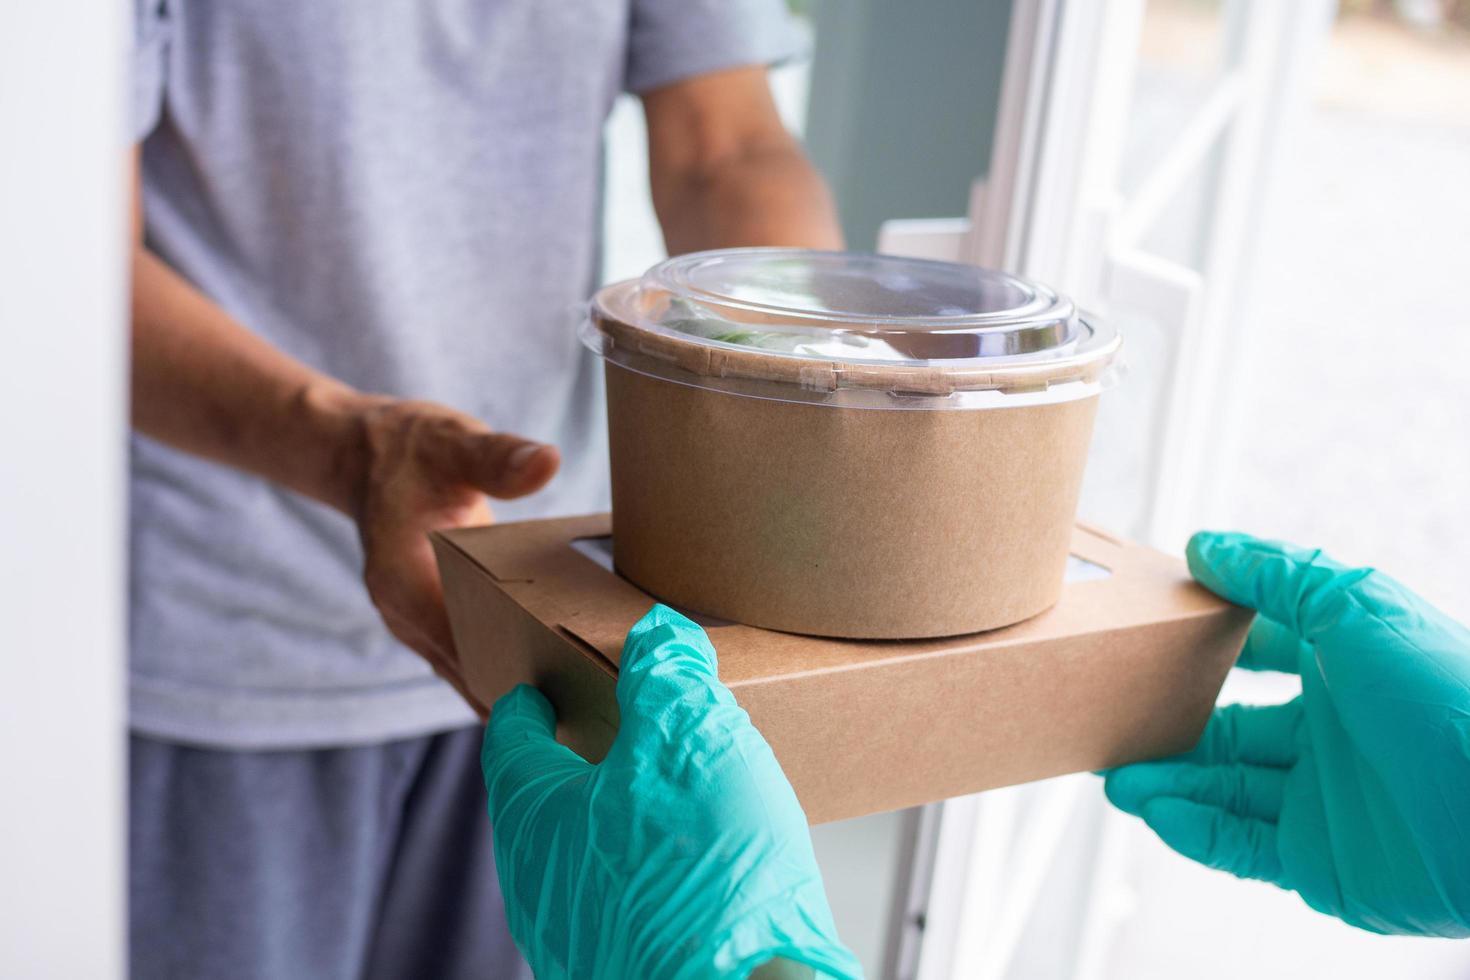 voedselbezorger ontmoet klant bij deur met afhaalmaaltijden foto